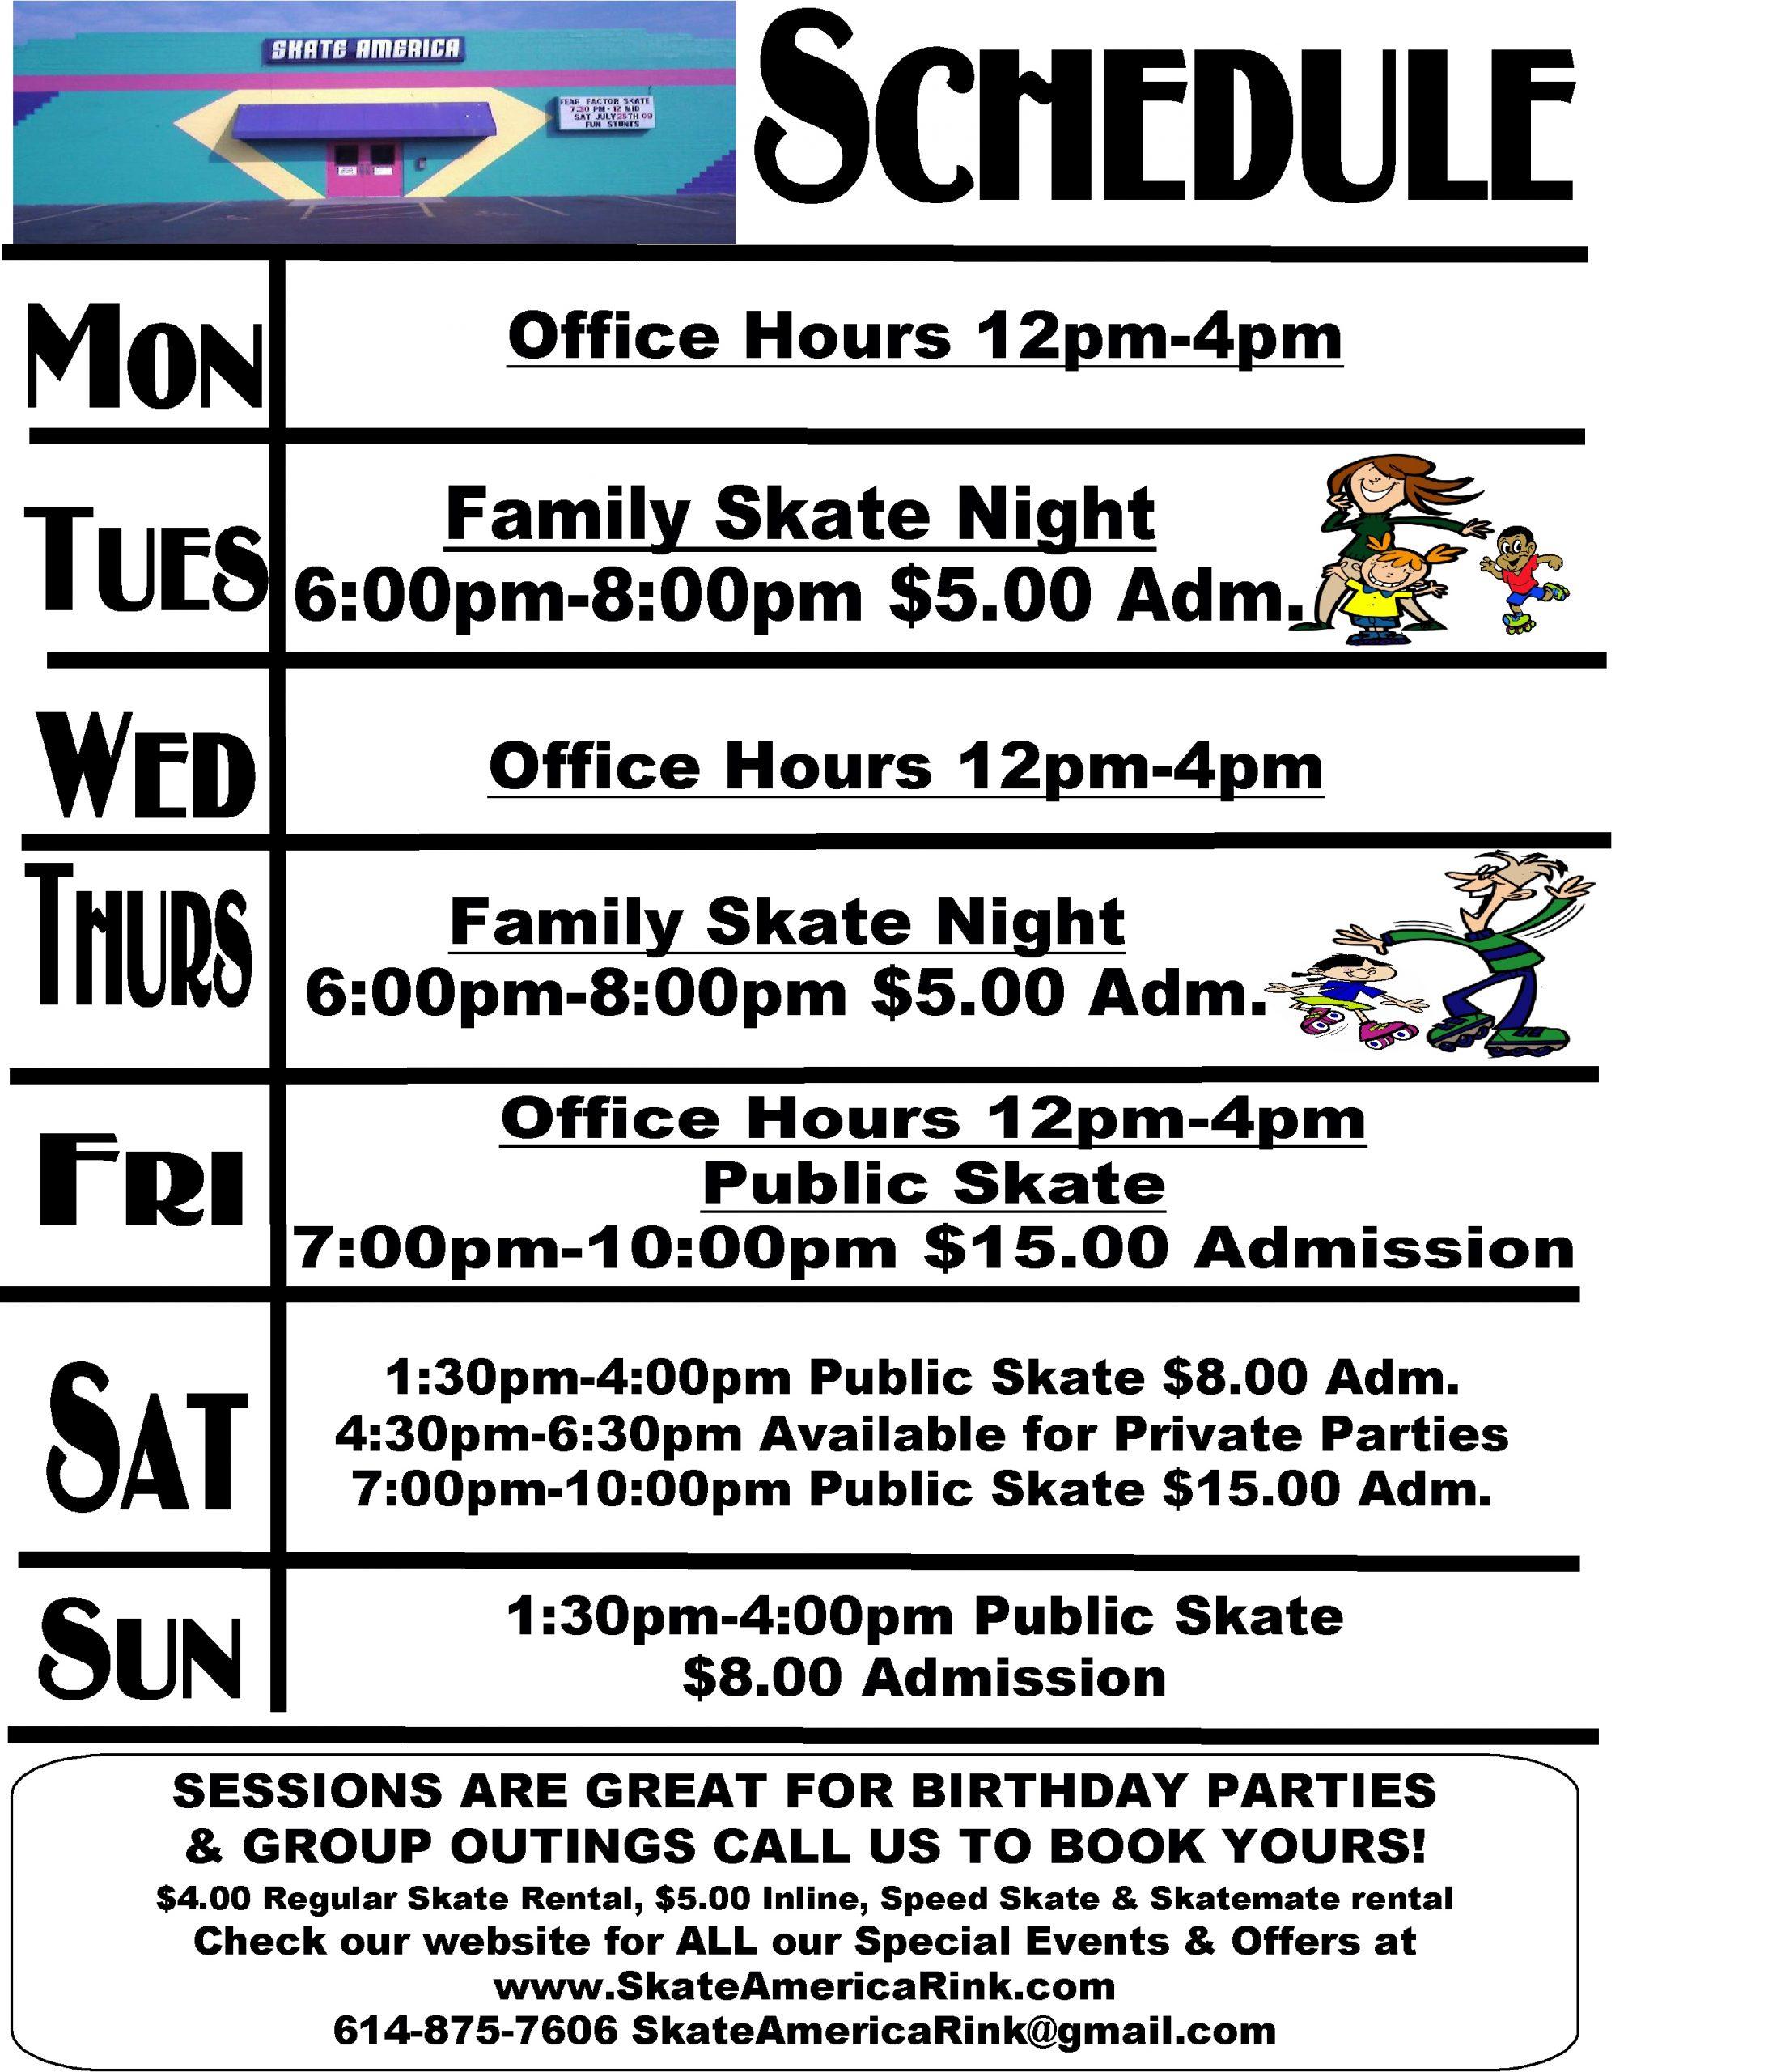 Schedule 2021 - Skate America